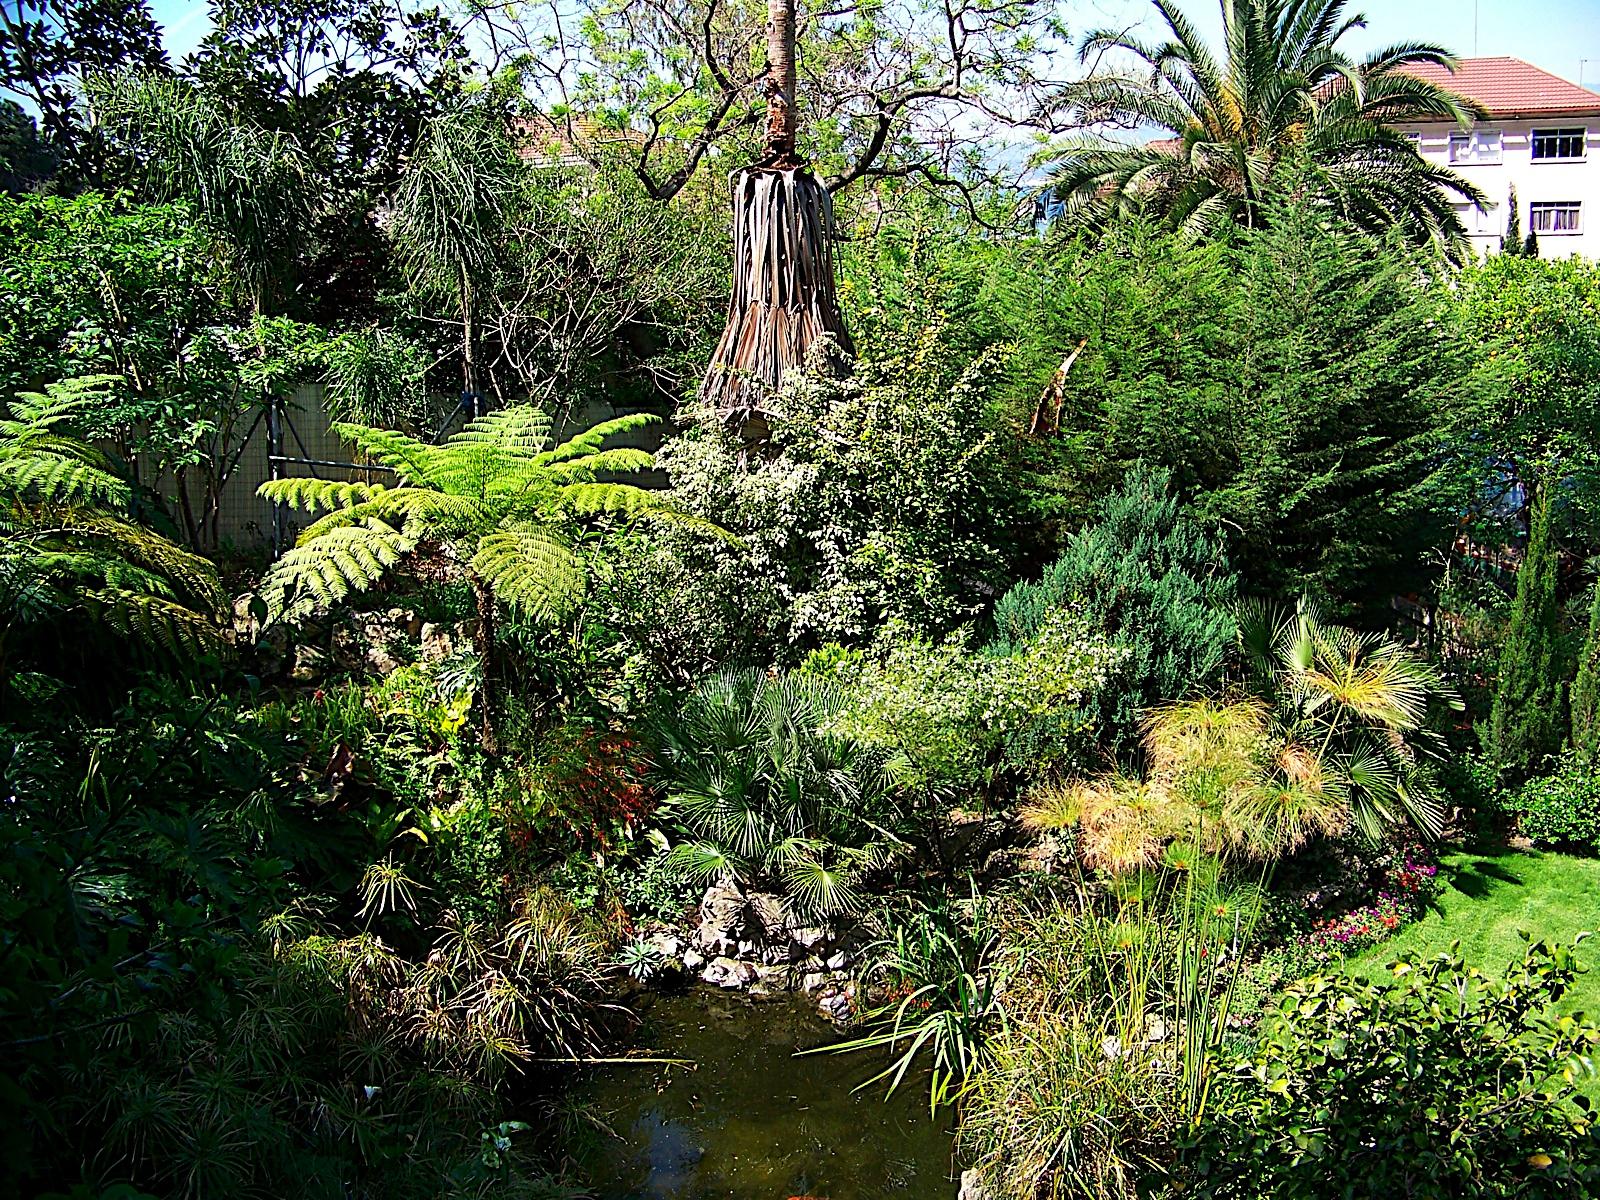 Genial File:The Dell, Gibraltar Botanic Gardens 3